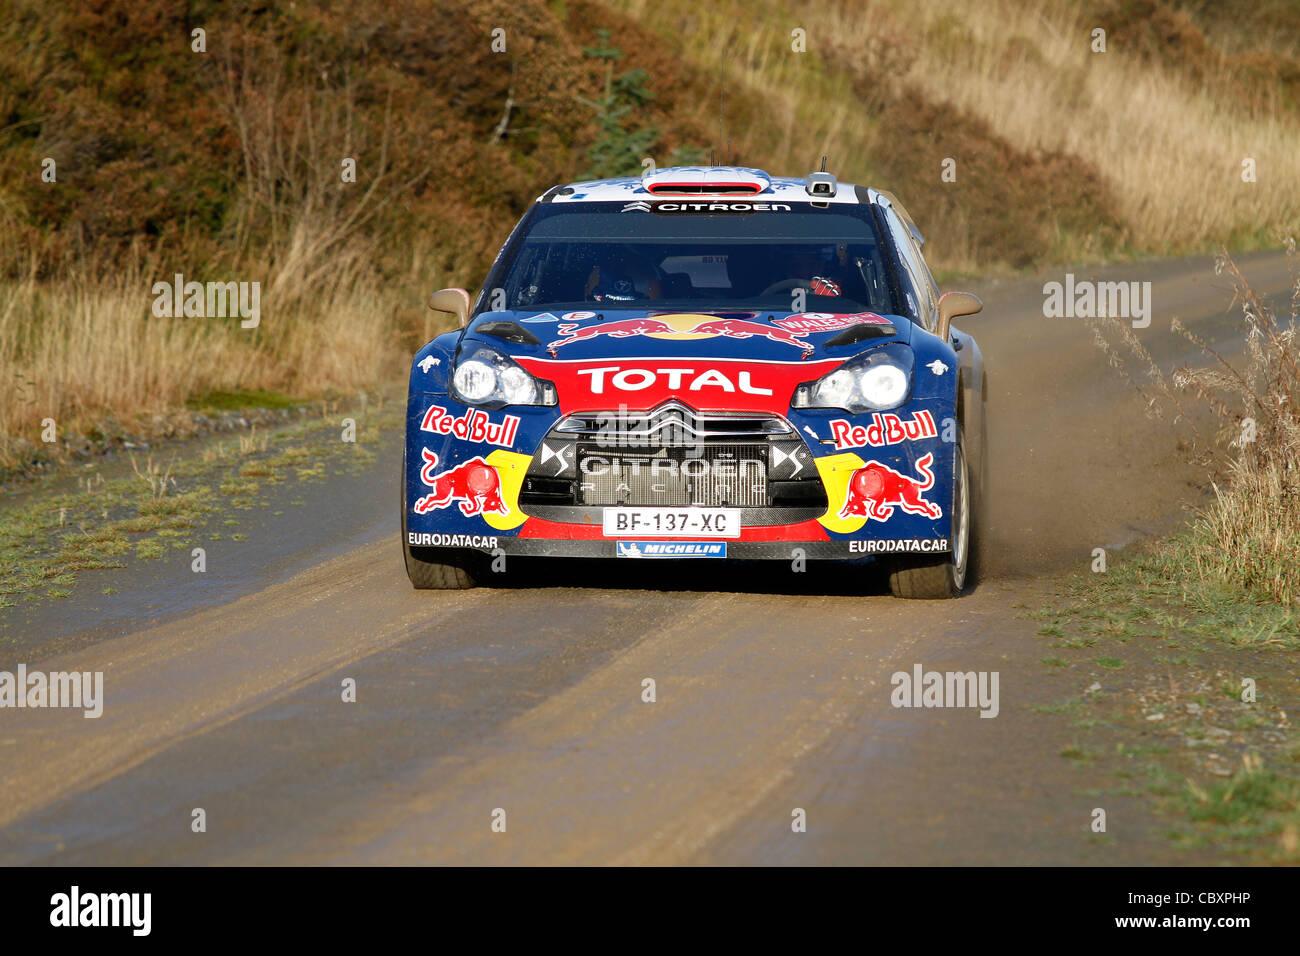 Citroen Rally Car Stock Photos Citroen Rally Car Stock Images Alamy - Car rally near me